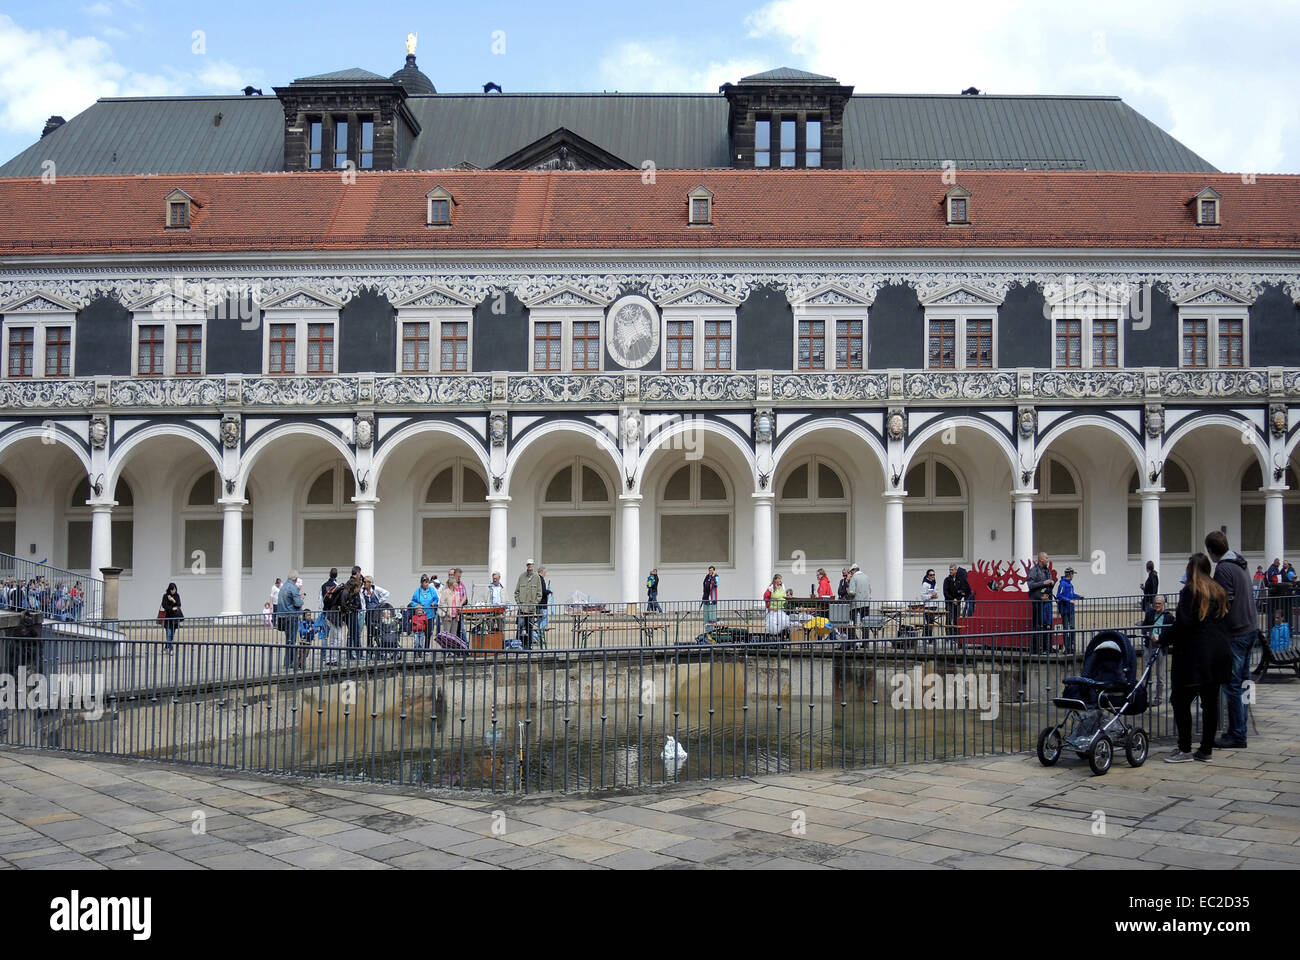 Corte stabile in palazzo residenziale di Dresda. Immagini Stock